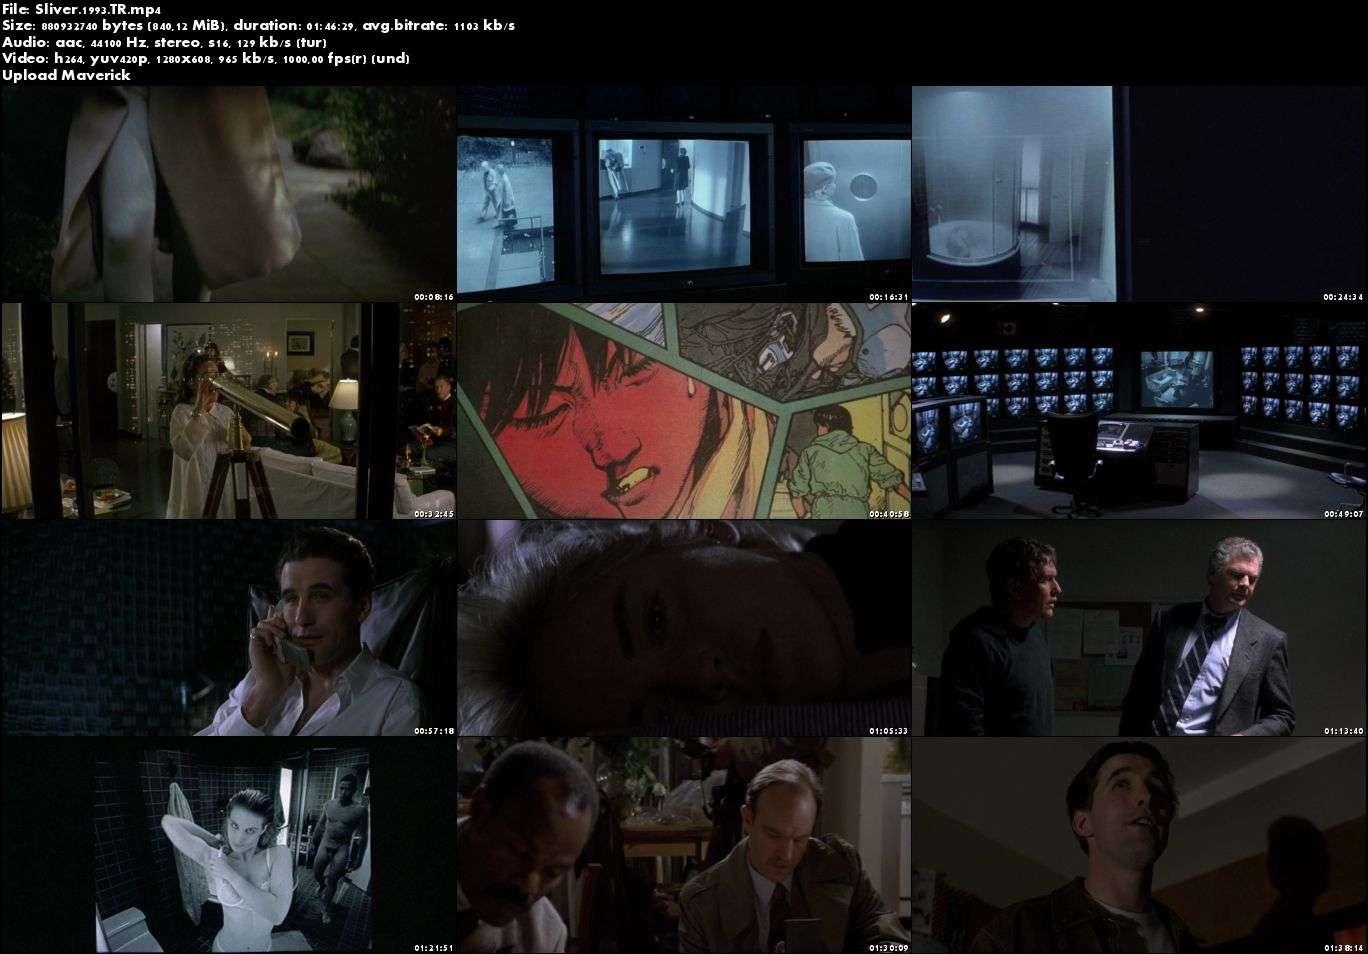 Sliver - 1993 Türkçe Dublaj Mp4 indir